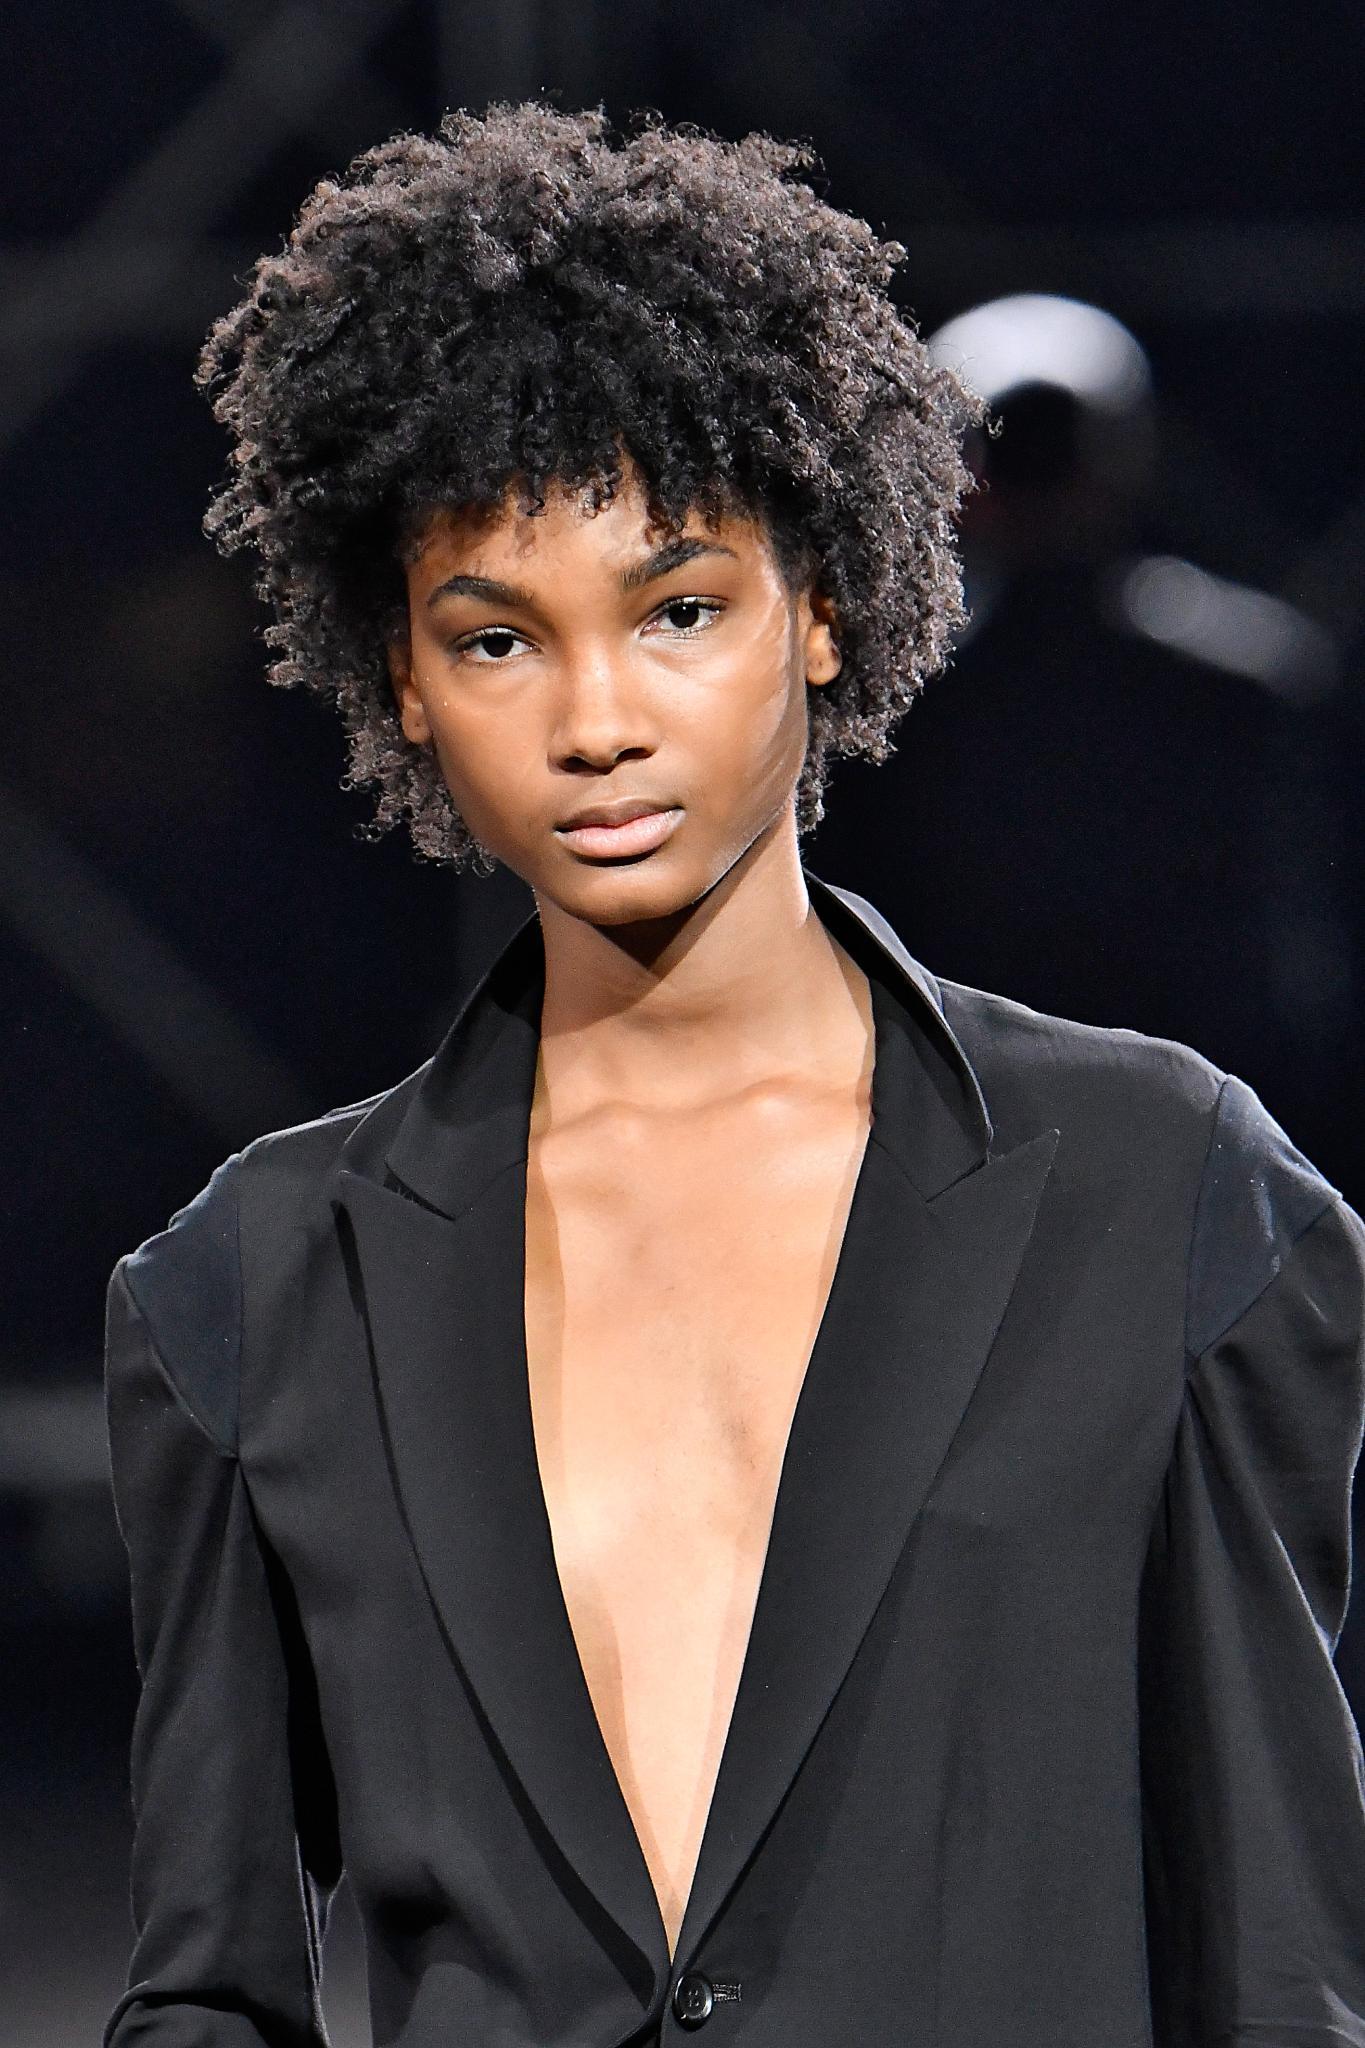 Cheveux noirs courts : Un modèle avec un afro/cheveux naturels avec une frange.